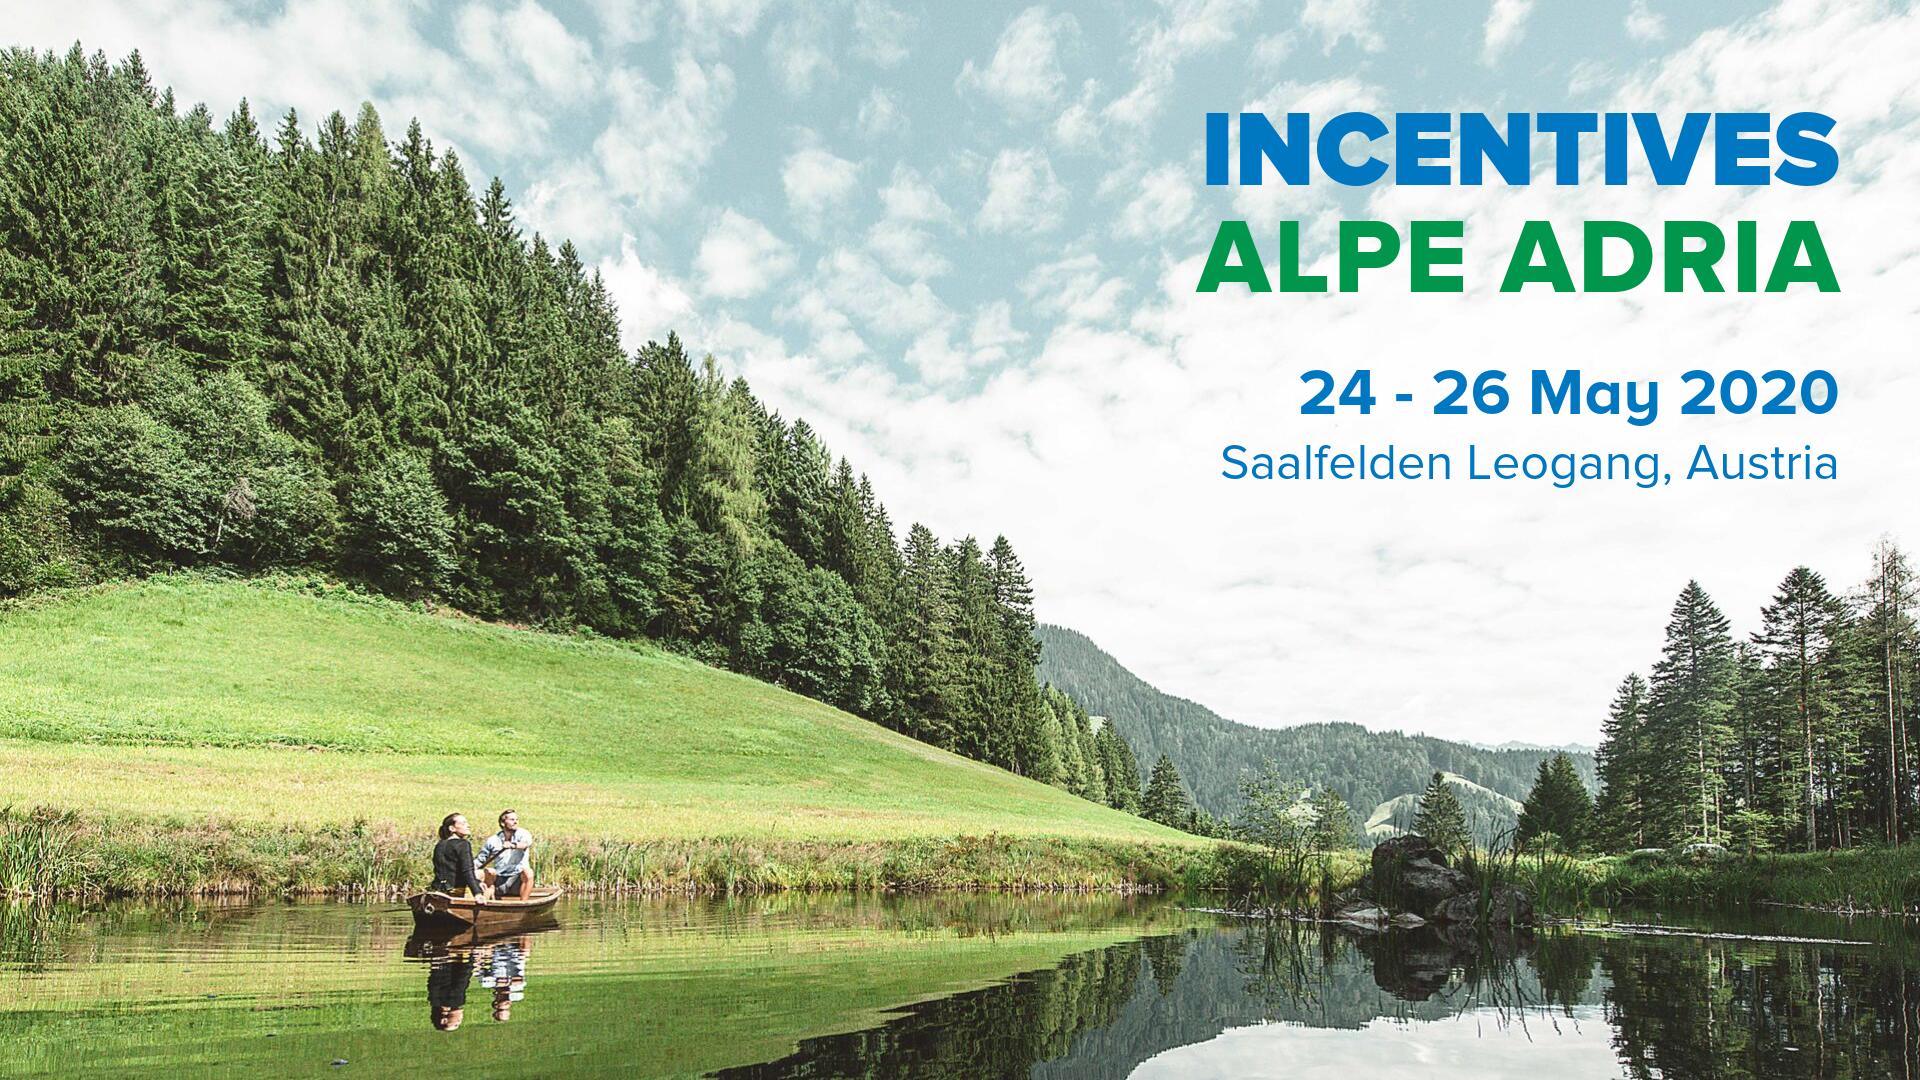 incentives_alpa_adria_2020